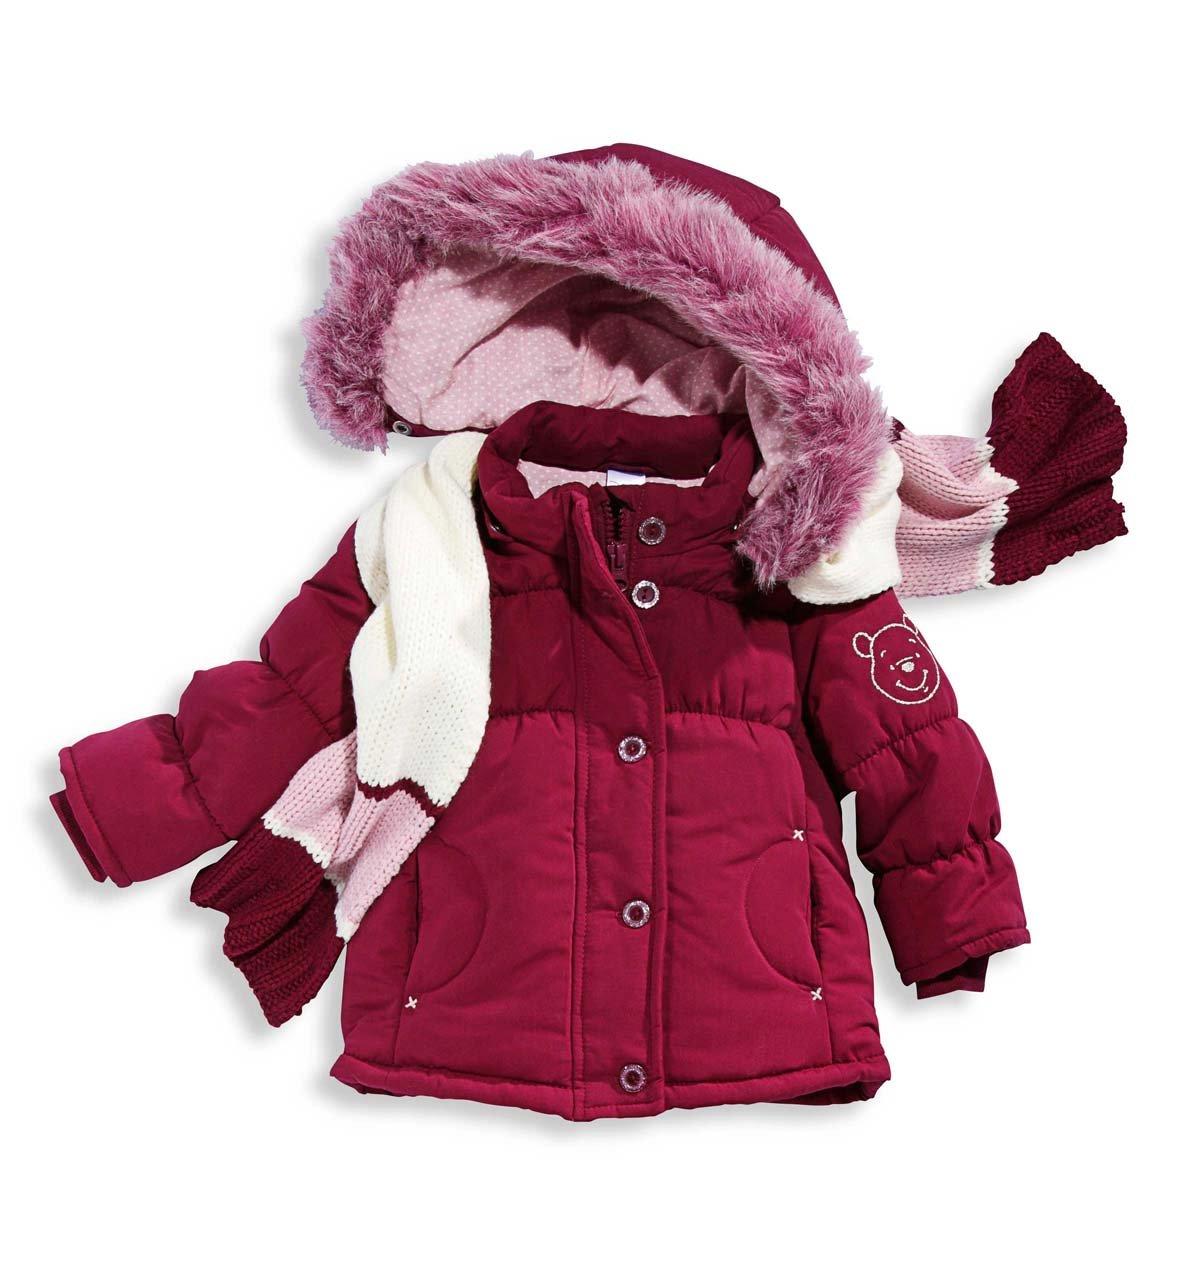 Как выбрать зимнюю куртку для ребенка?